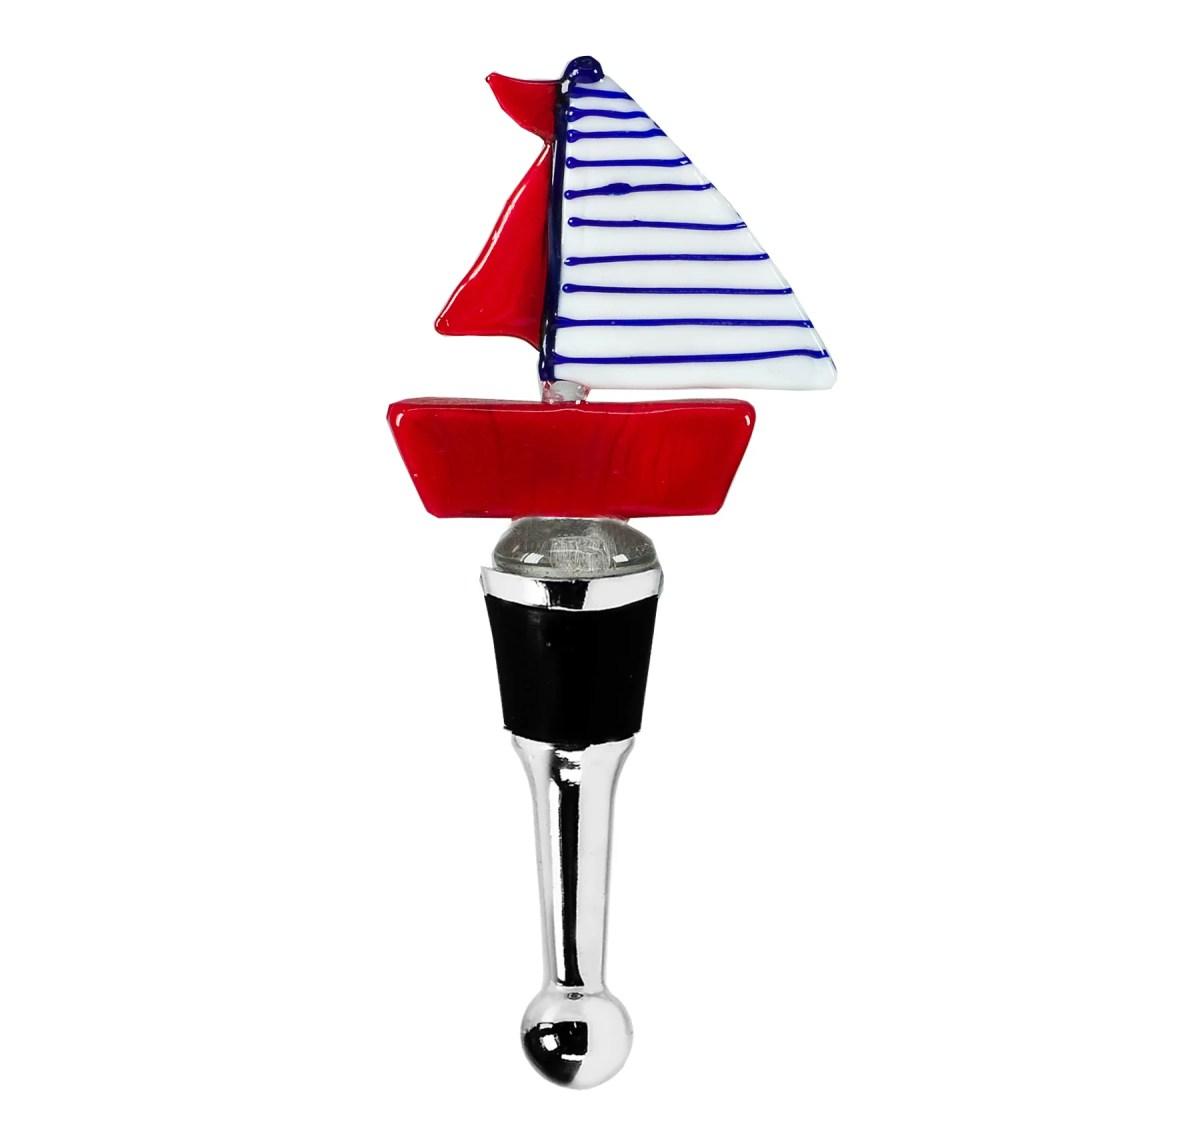 8519 Edzard Flaschenverschluss Weinverschluss Segel Boot Glas Frosch Sektverschluss